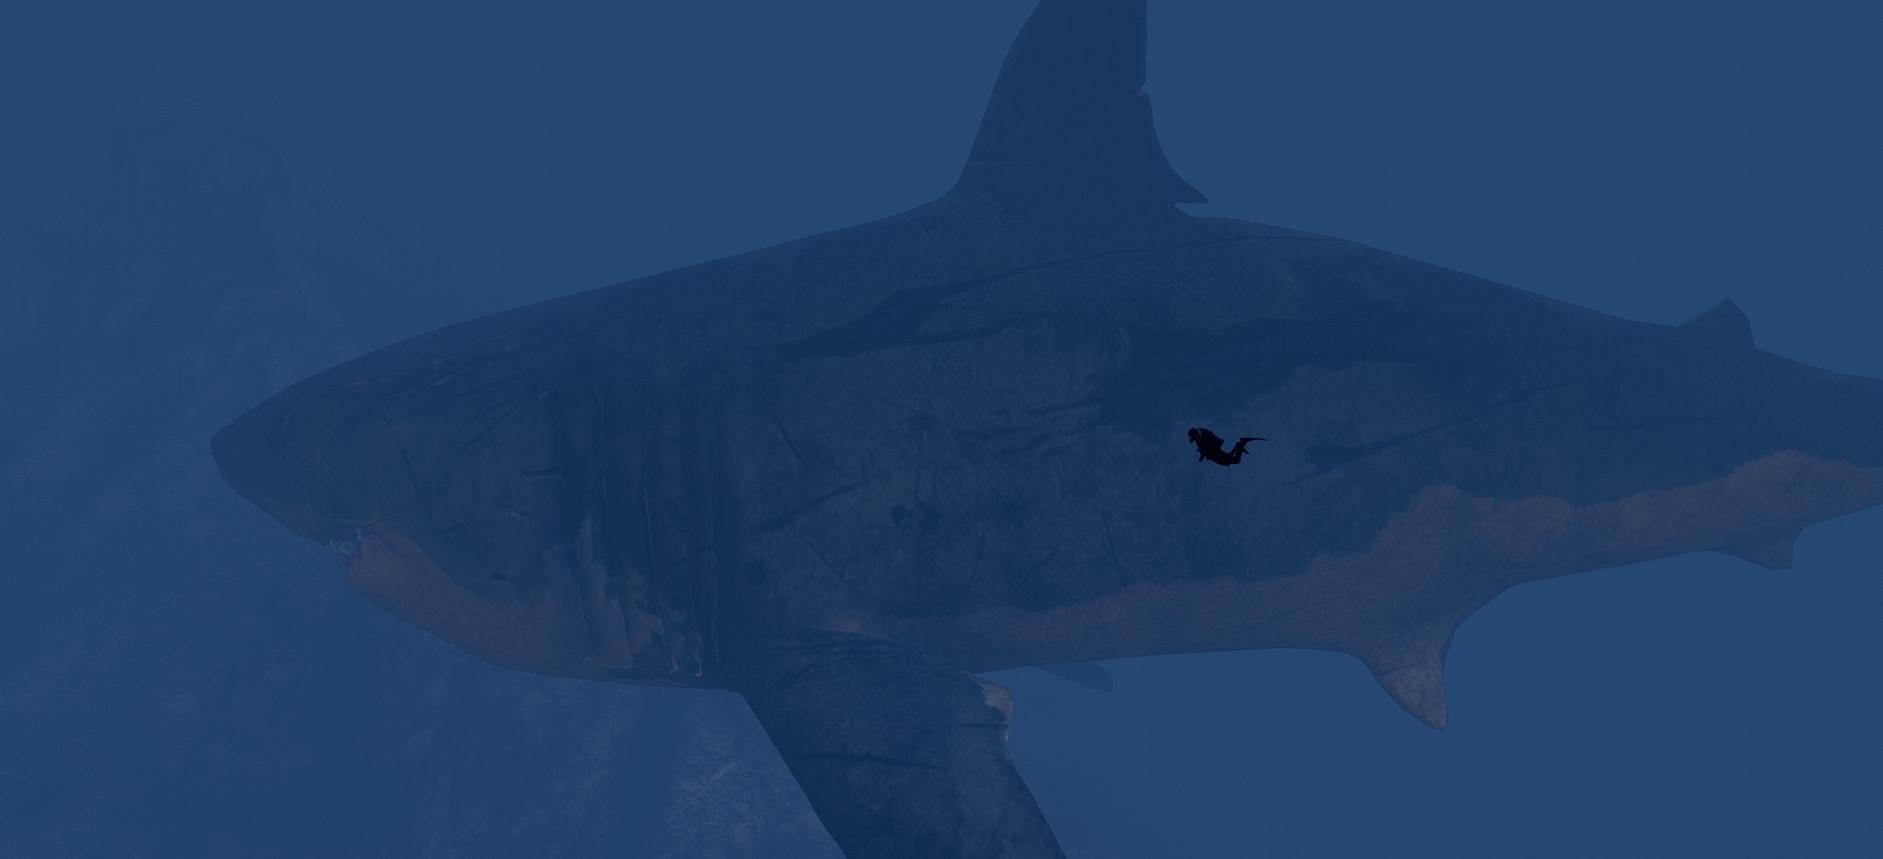 Resized Megalodon Shark [MEG: Monster of the Depth] - GTA5